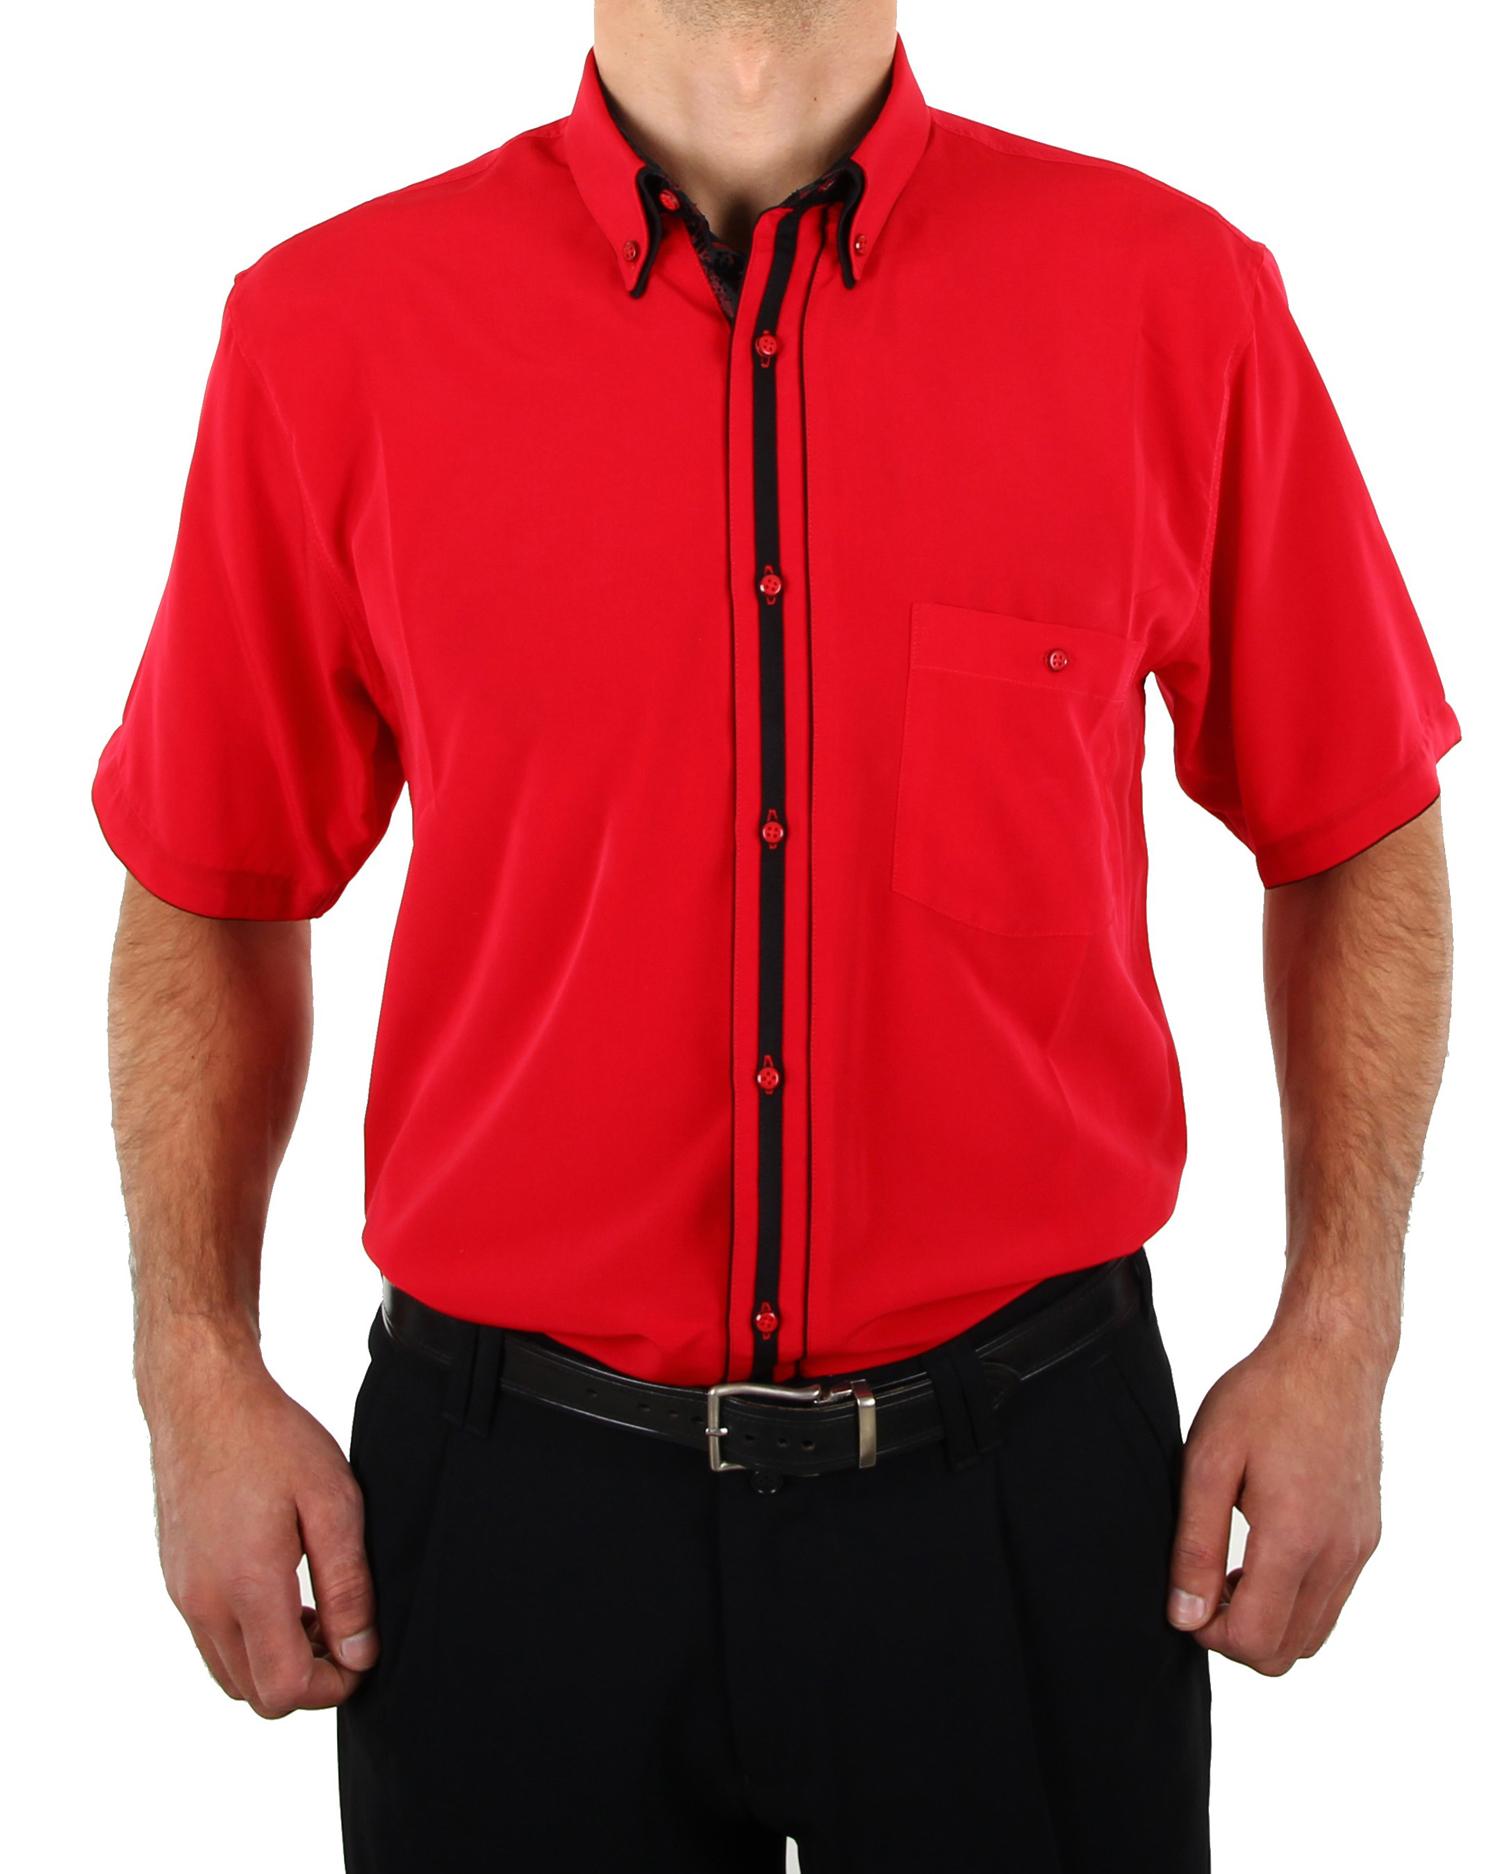 Hk Mandel Kreative Mode Fr Mnner Designer Shirt Red Short Sleeve In